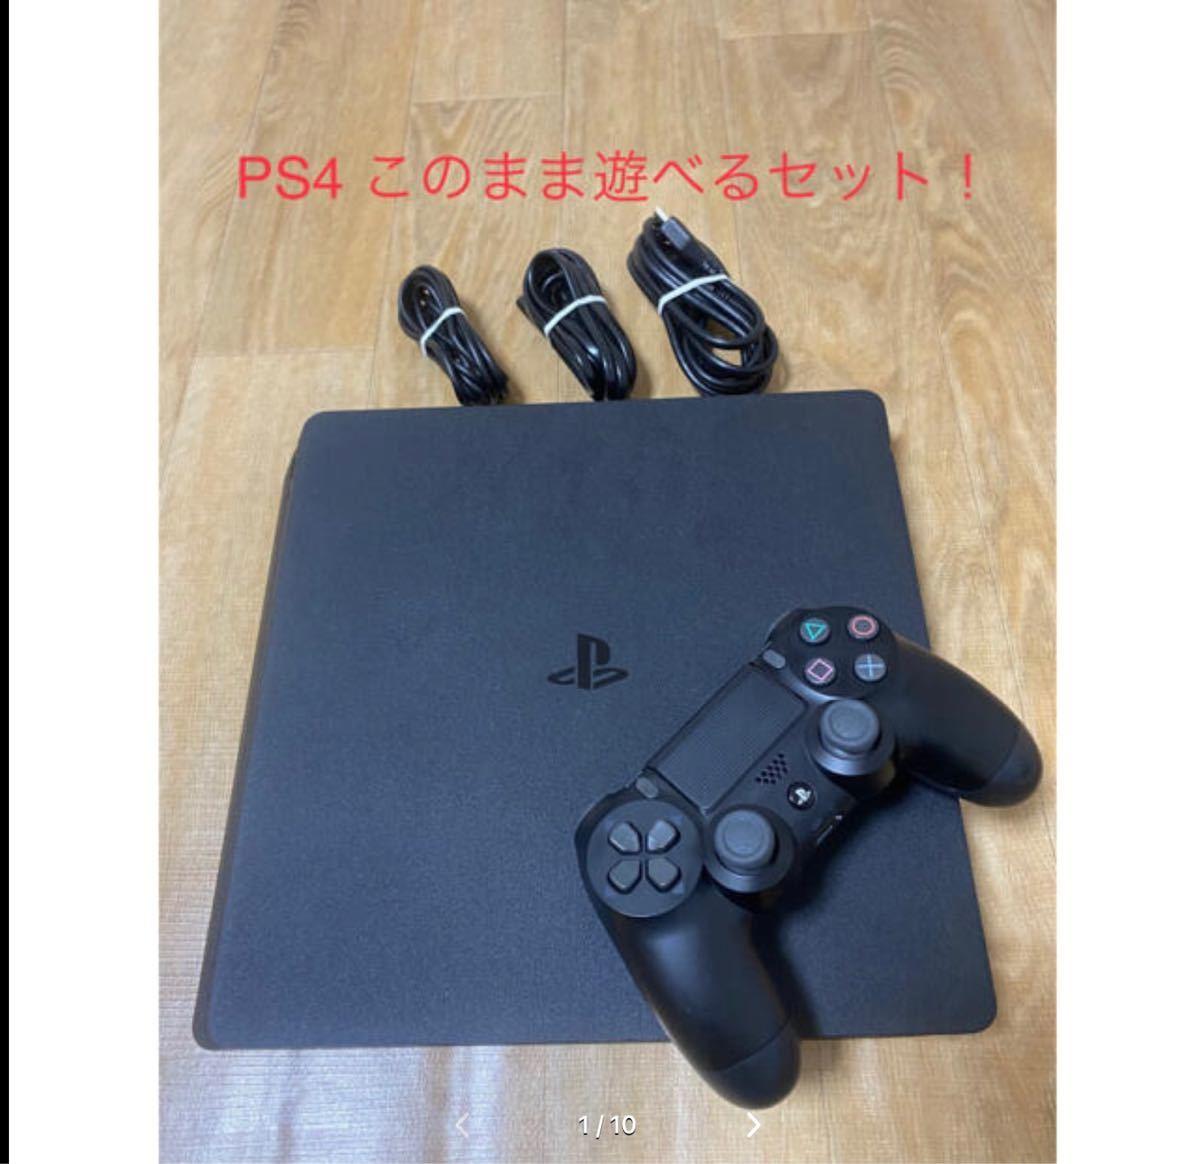 PS4 本体CUH-2000Aプレイステーション4 SONYこのまま遊べるセット